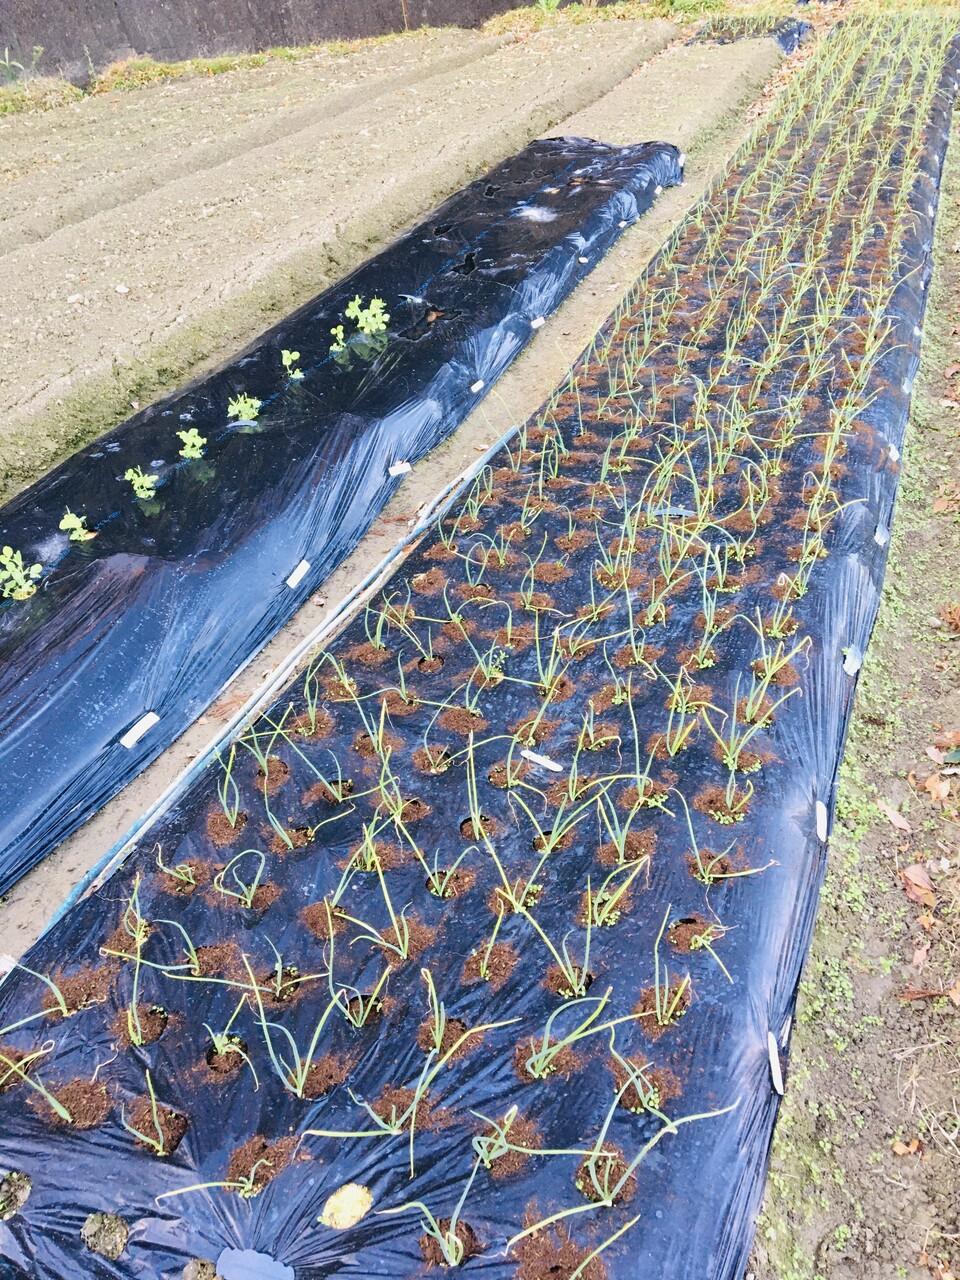 菜園 玉ねぎの施肥 Diy 擁壁塗装 Sassyの今日この頃